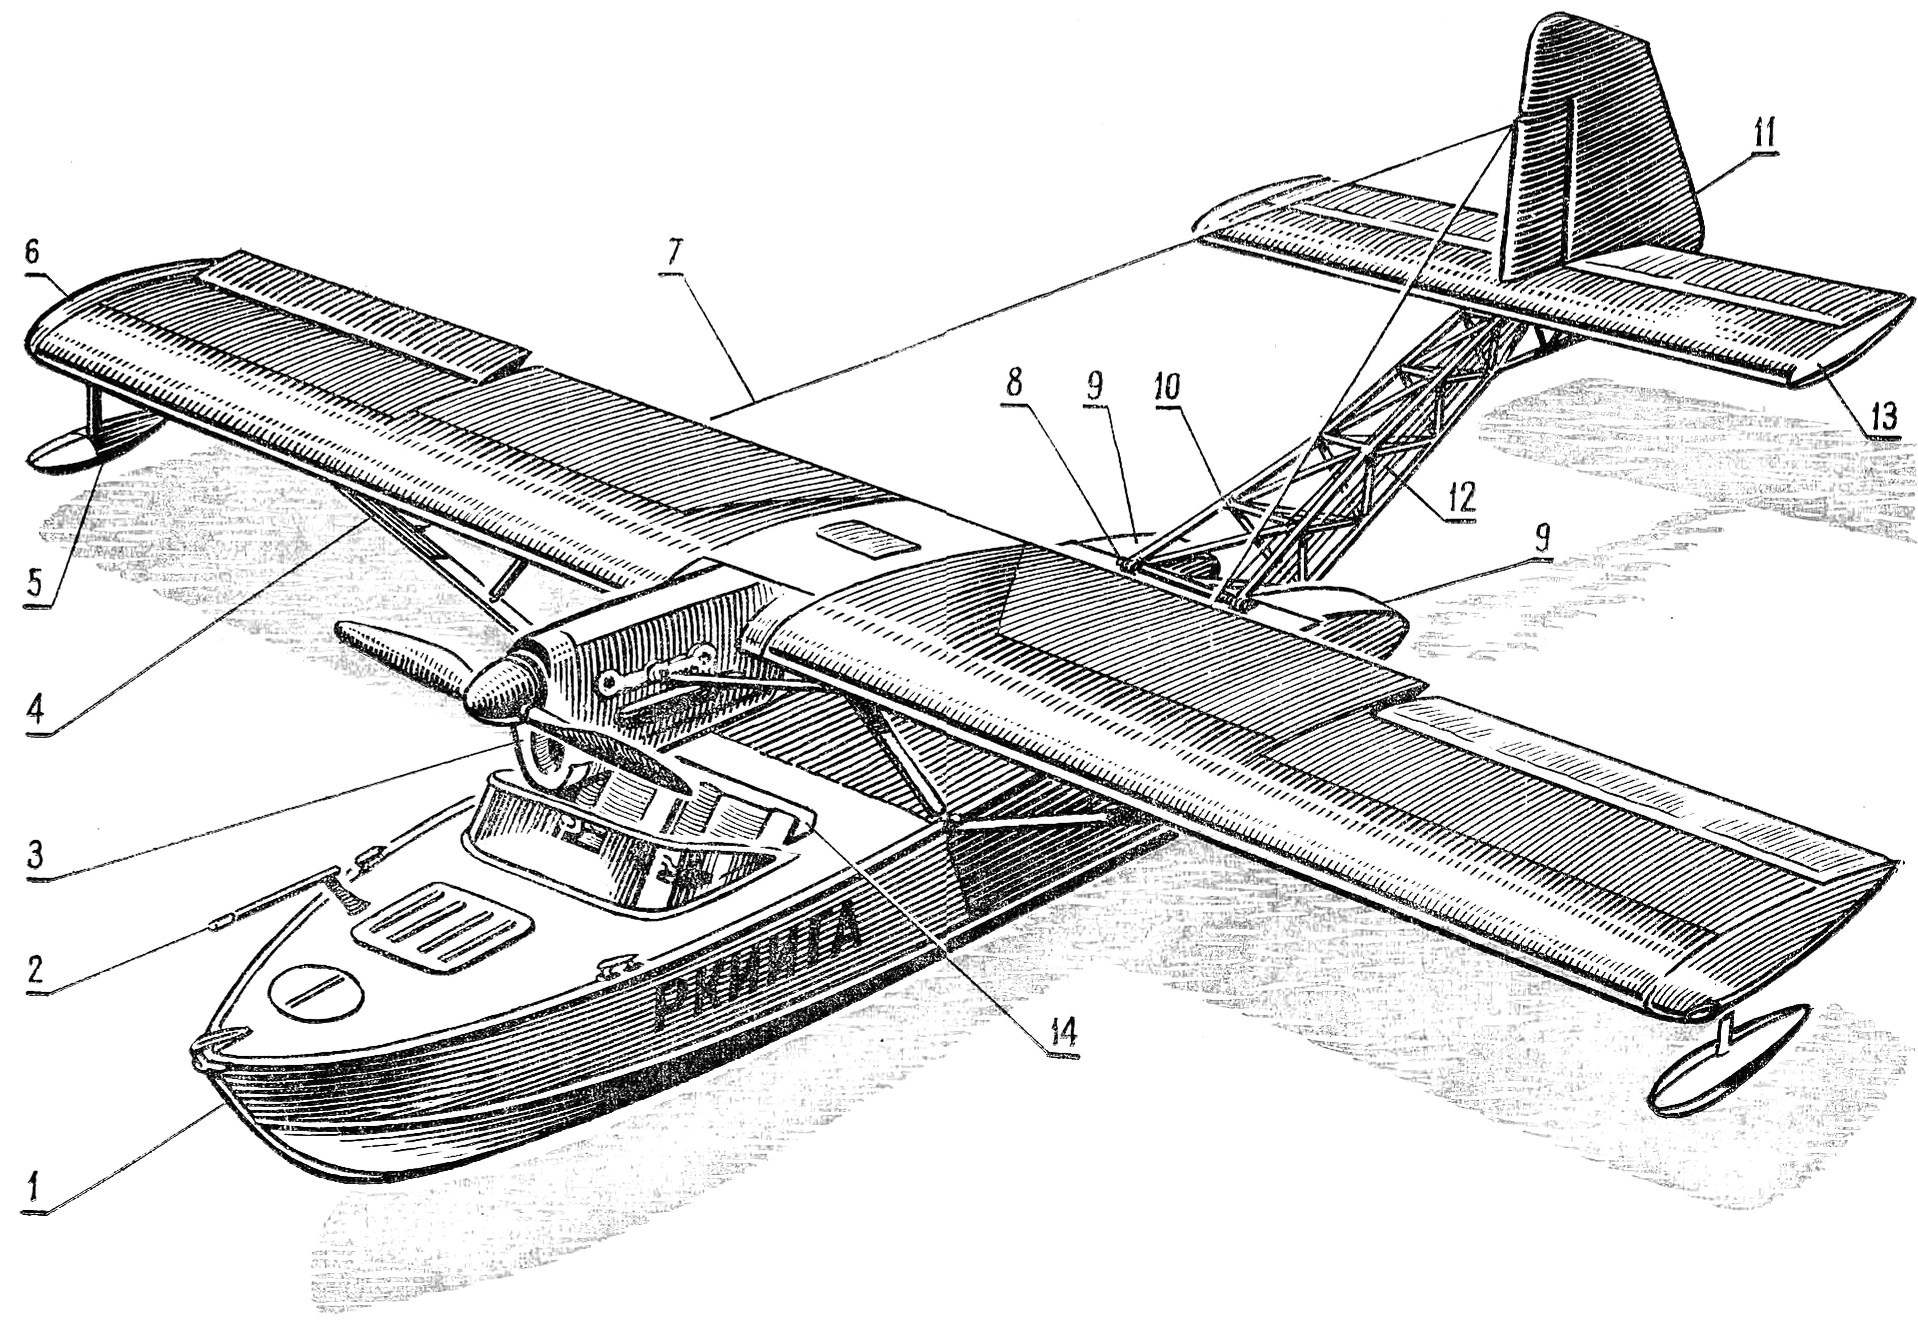 Рис. 1. Общая компоновка гидросамолета РКИИГА-74